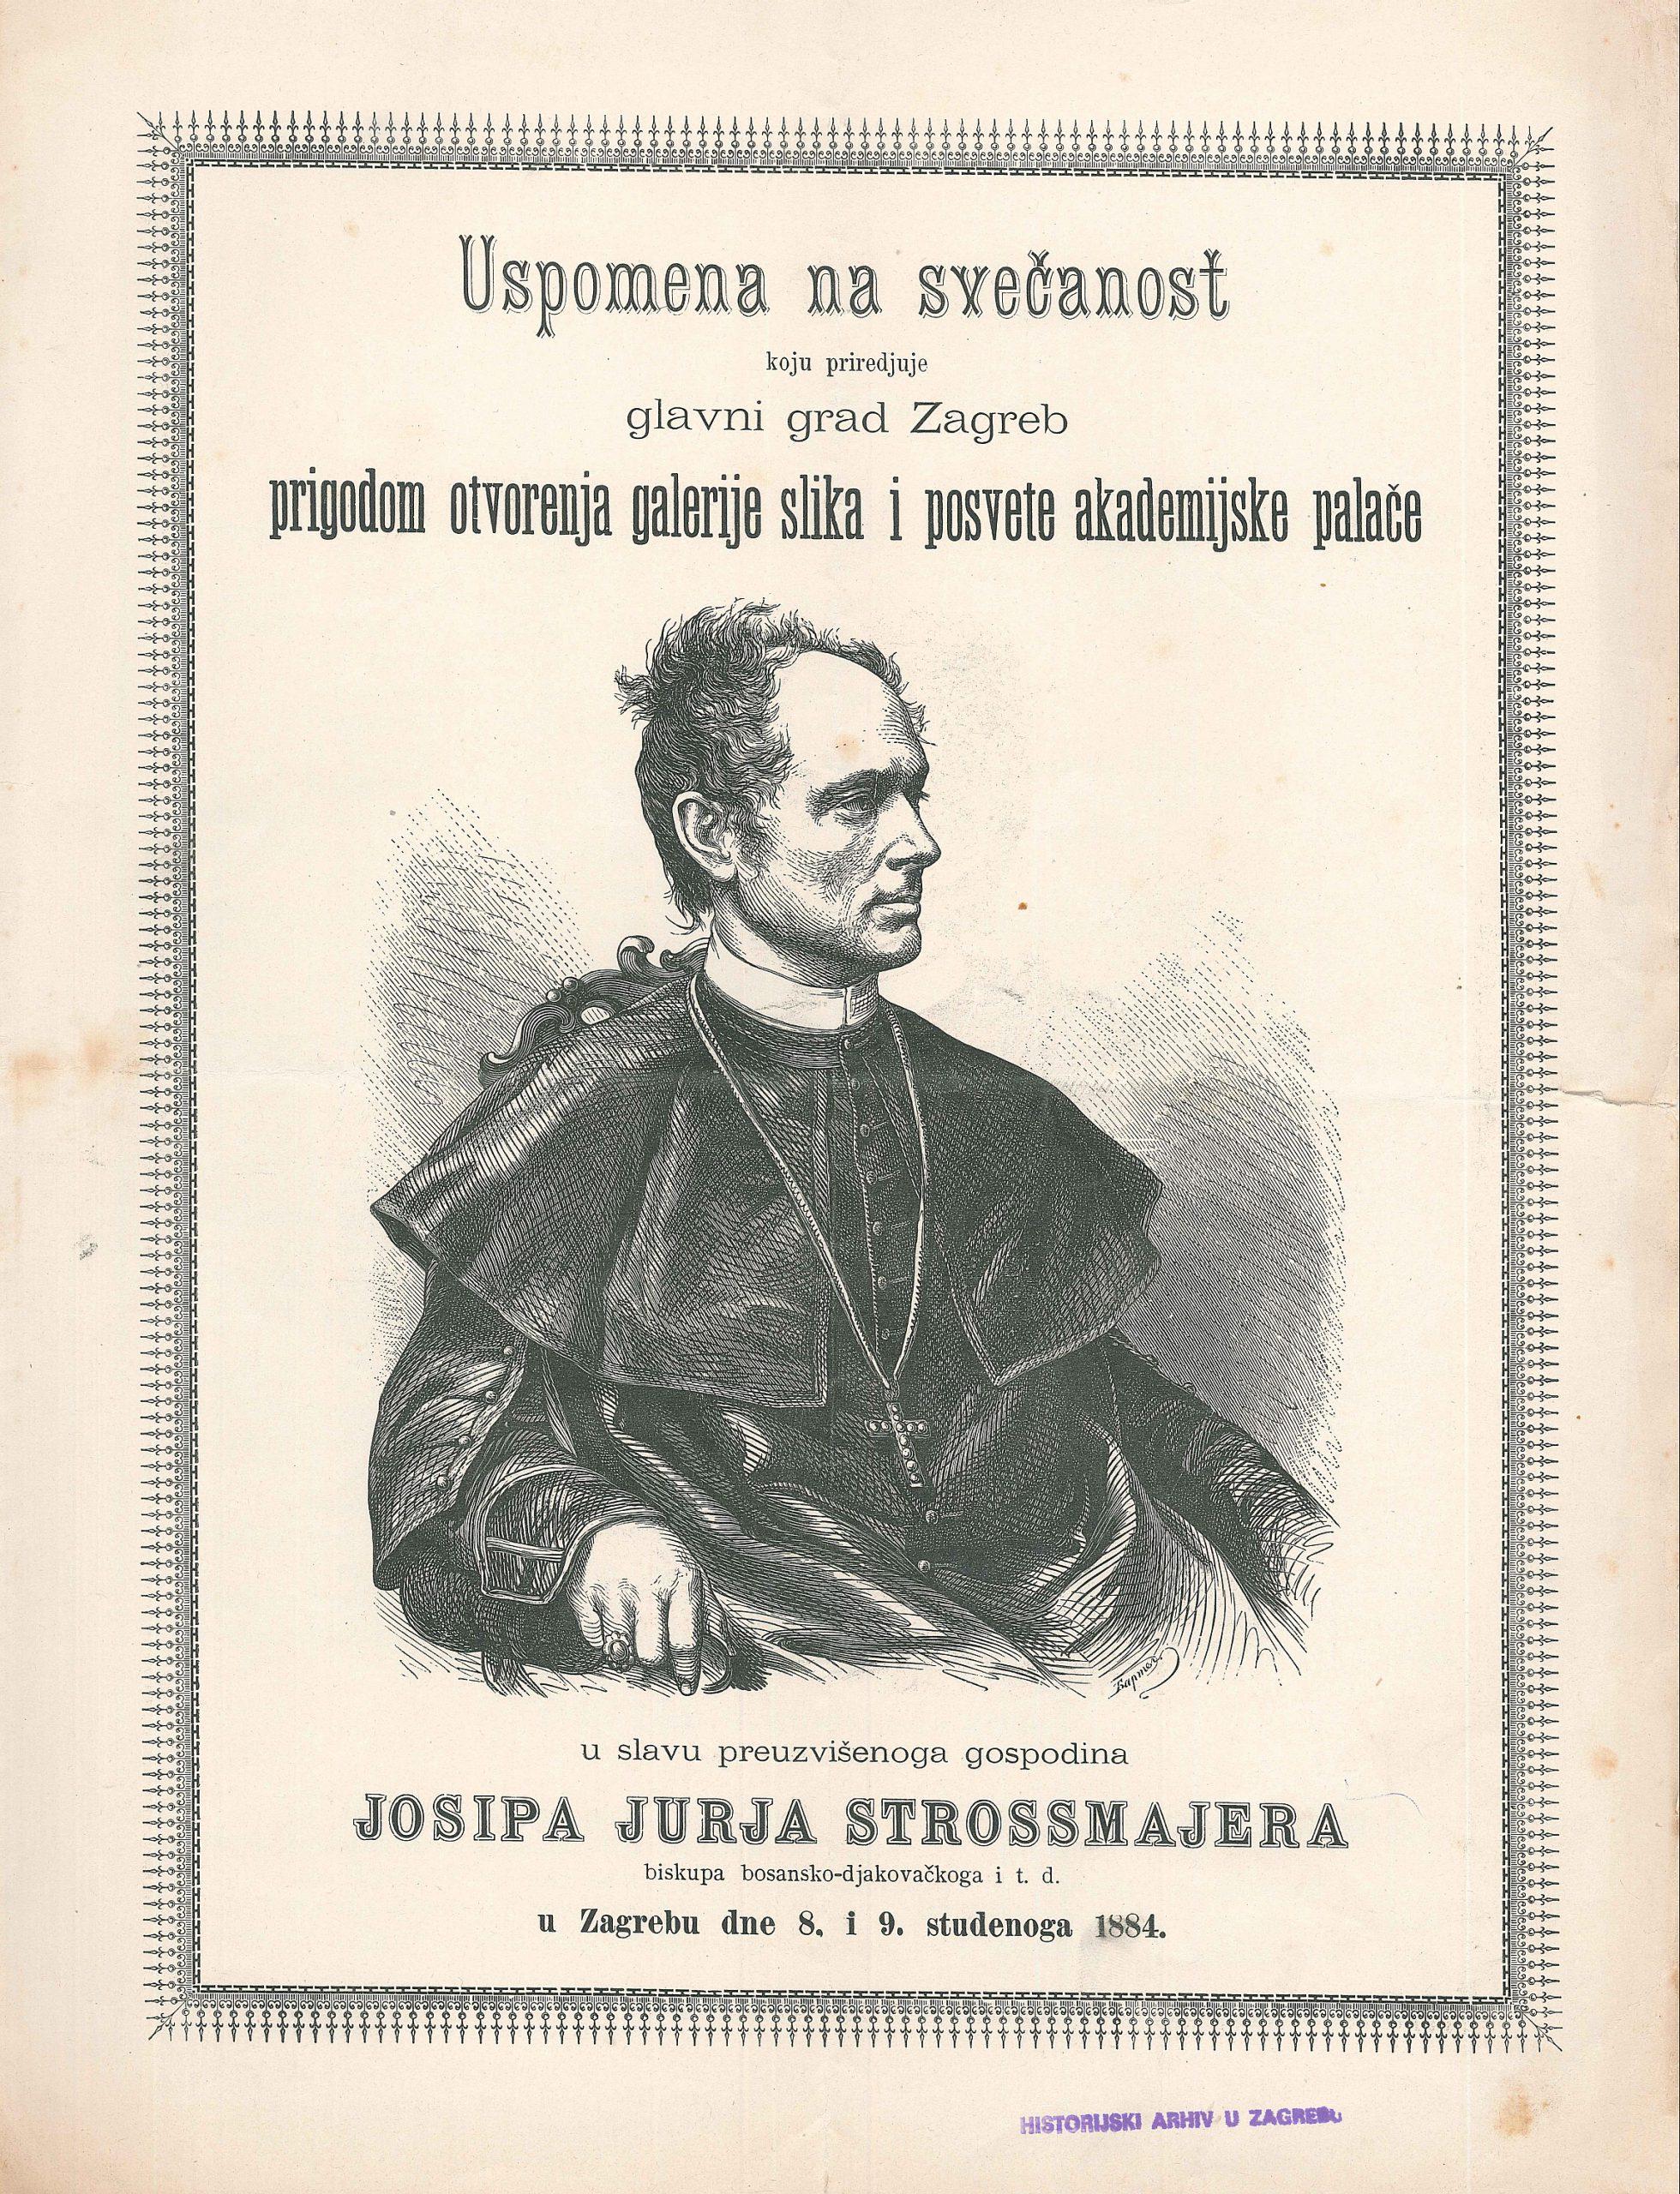 Luksuznija, suvenirska inačica programa svečanosti, koja se prodavala po cijeni od 10 novčića (vlasništvo/imatelj: Državni arhiv u Zagrebu)